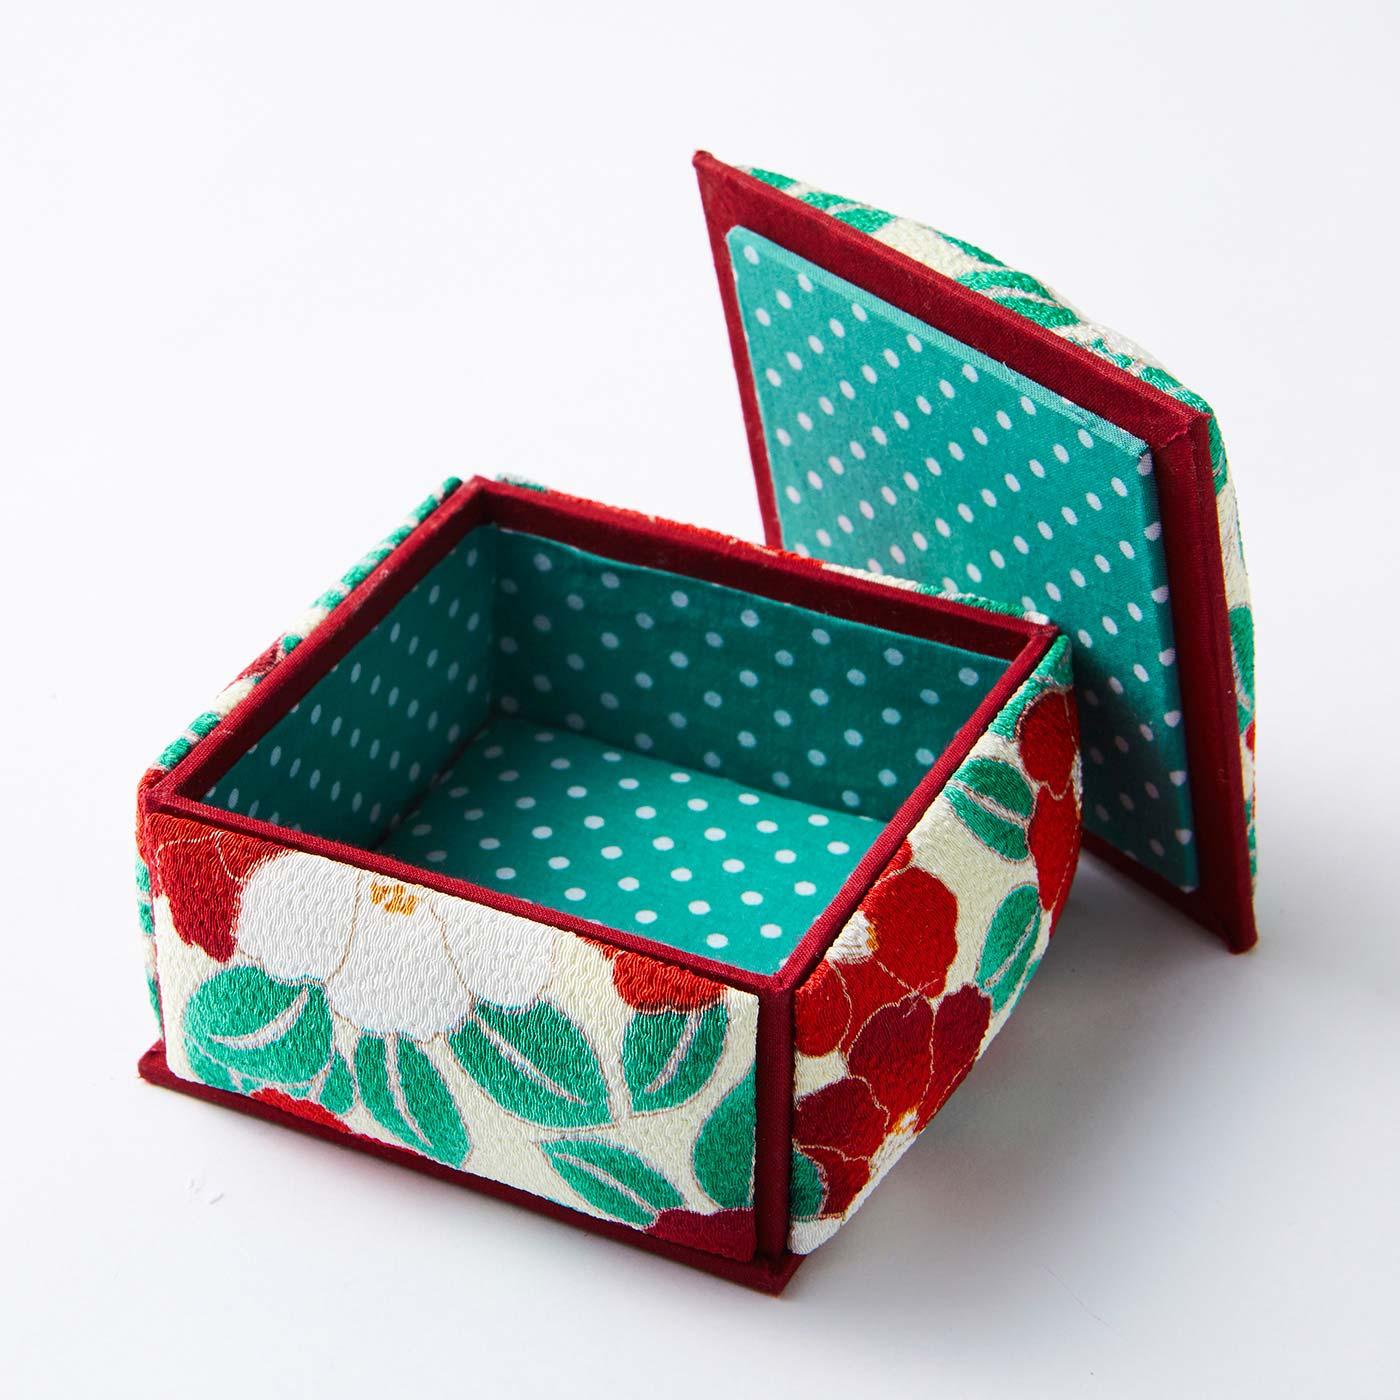 四角箱(印鑑ケース) 約10.5cm×10.5cm、高さ約6cm